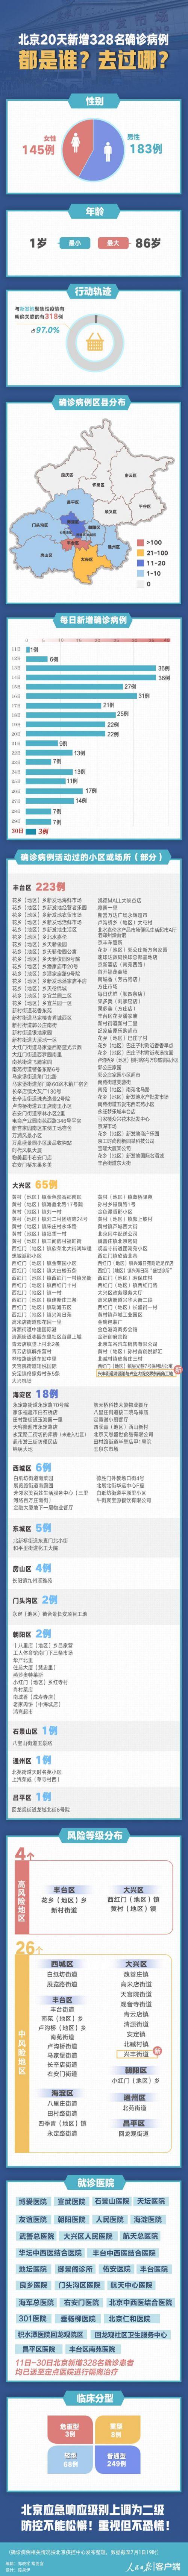 北京20天新增328例都去过哪?北京疫情最新情况